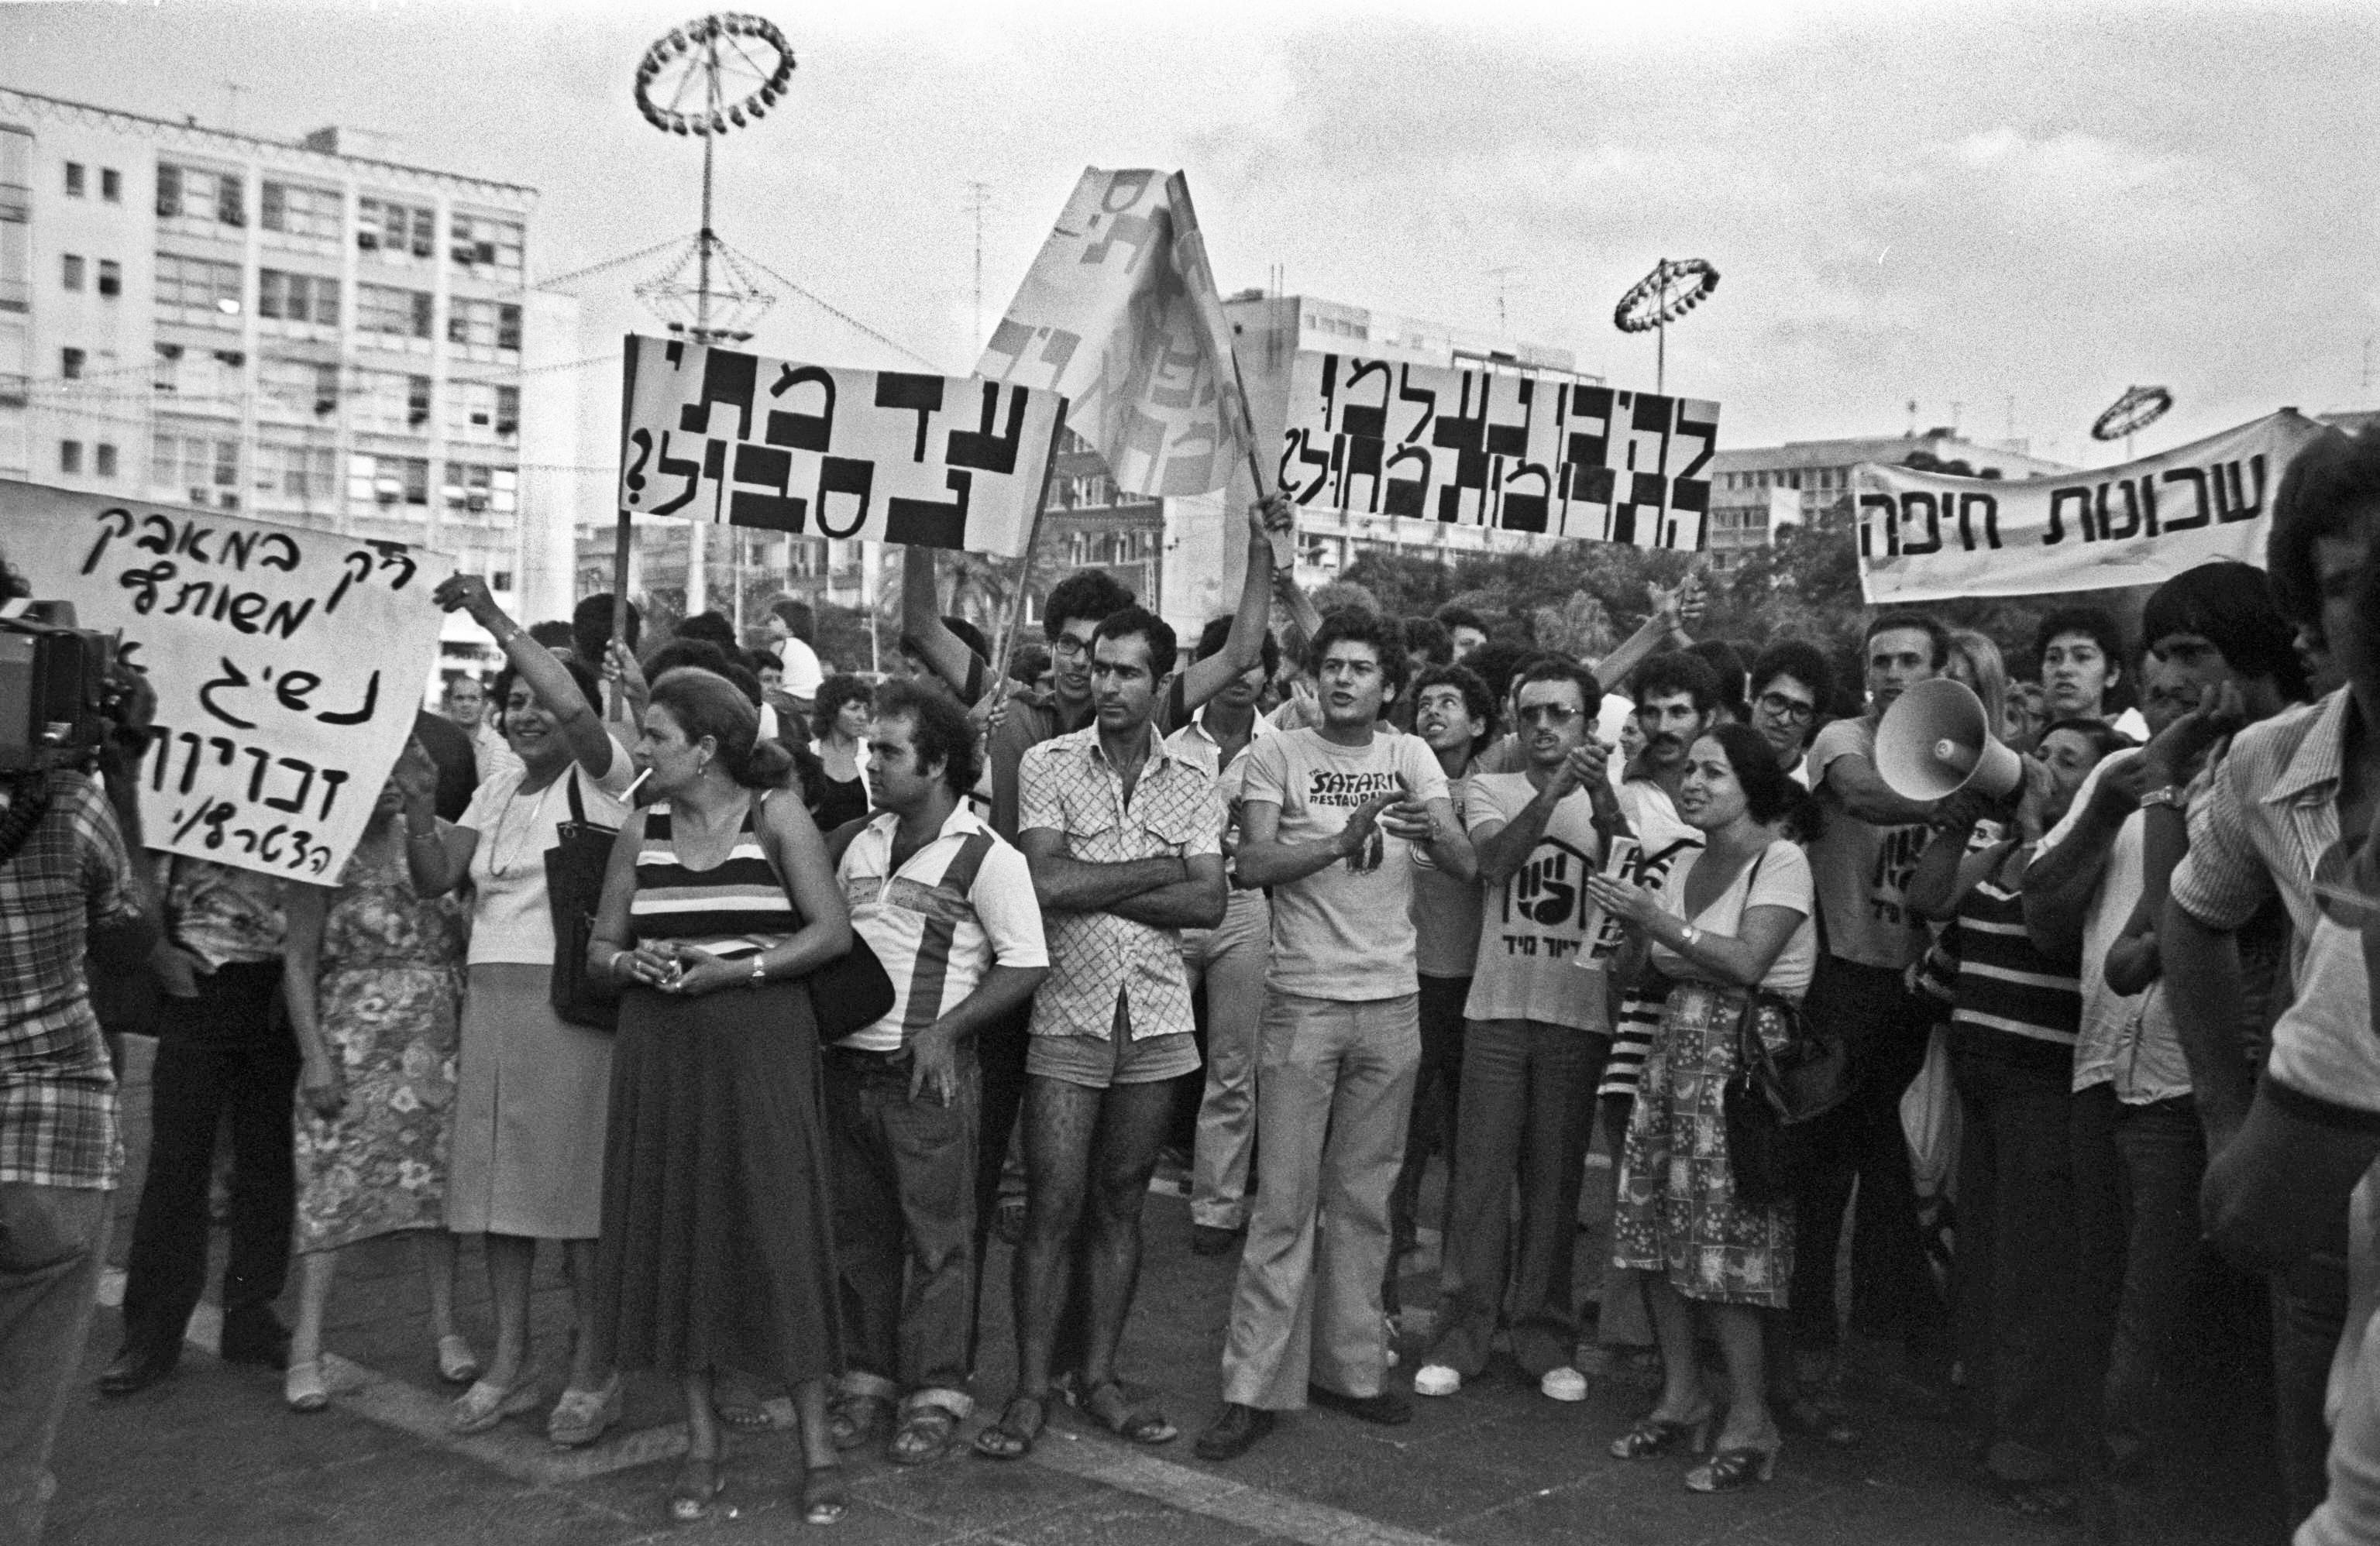 """הפגנה בעקבות משבר הדיור, כיכר מלכי ישראל בתל אביב, אוגוסט 1979 (צילום: אילנה בלום, לע""""מ)"""